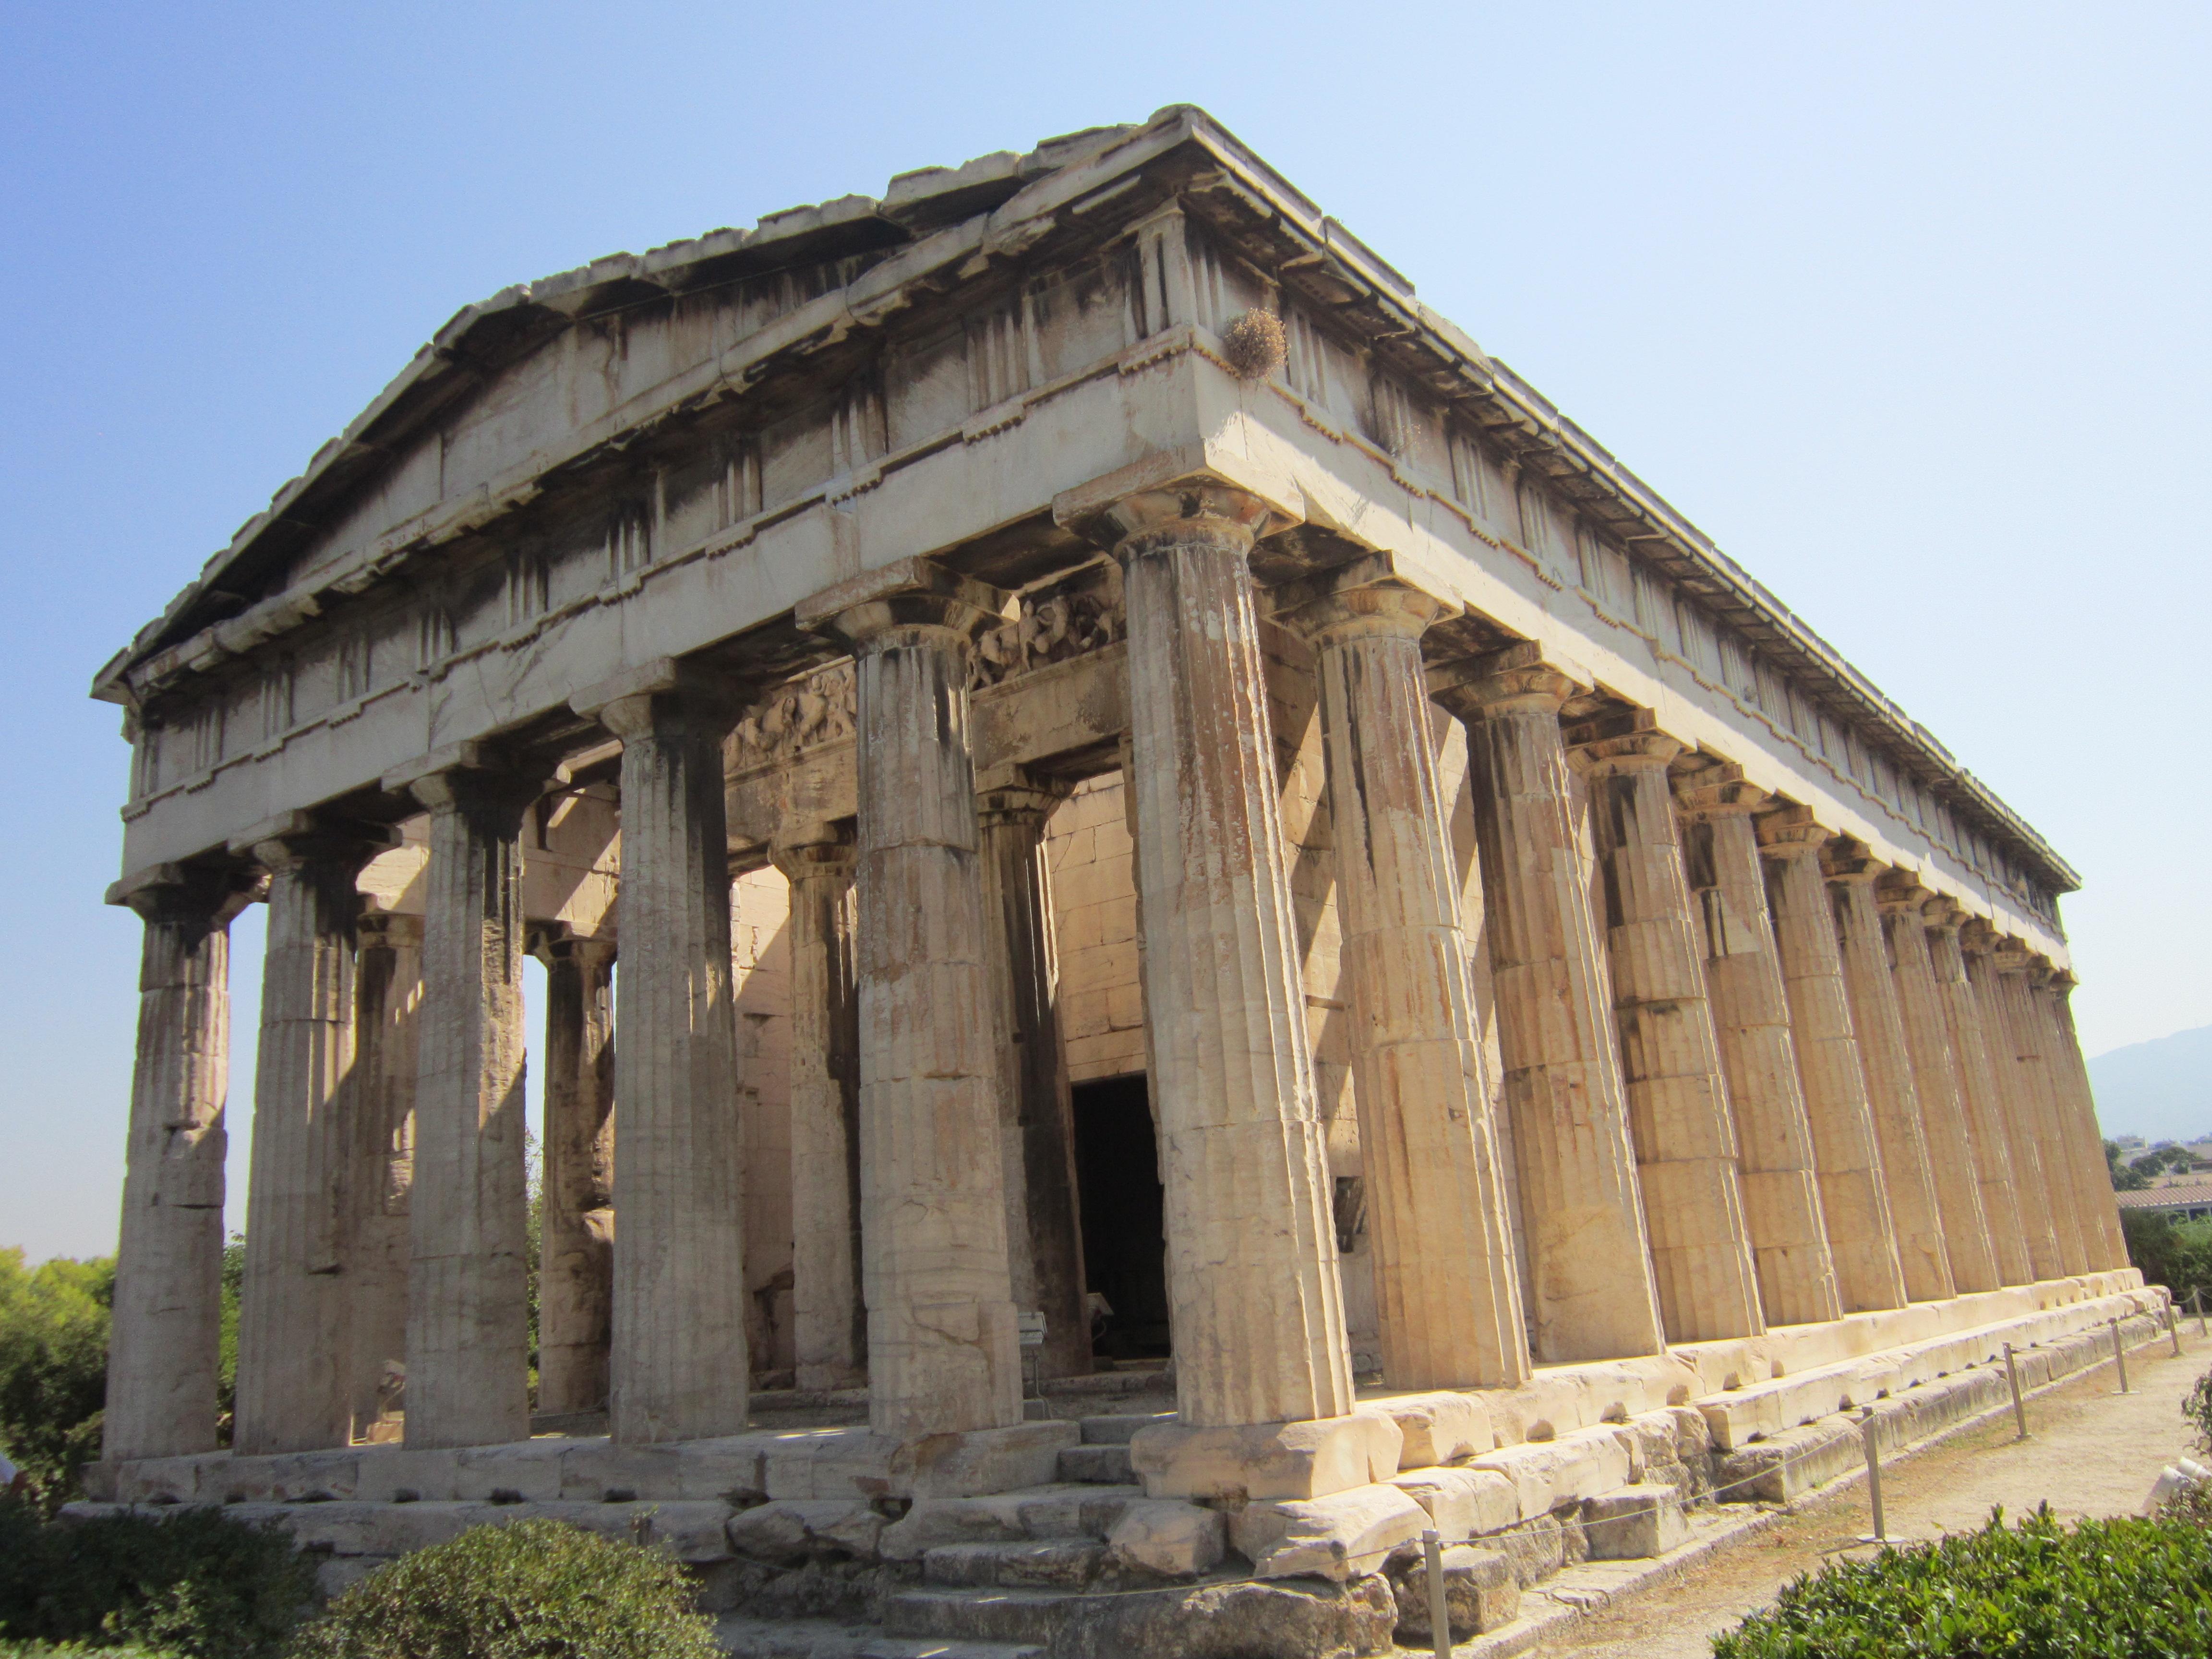 Temple of Hephaestus (Hephaestion)